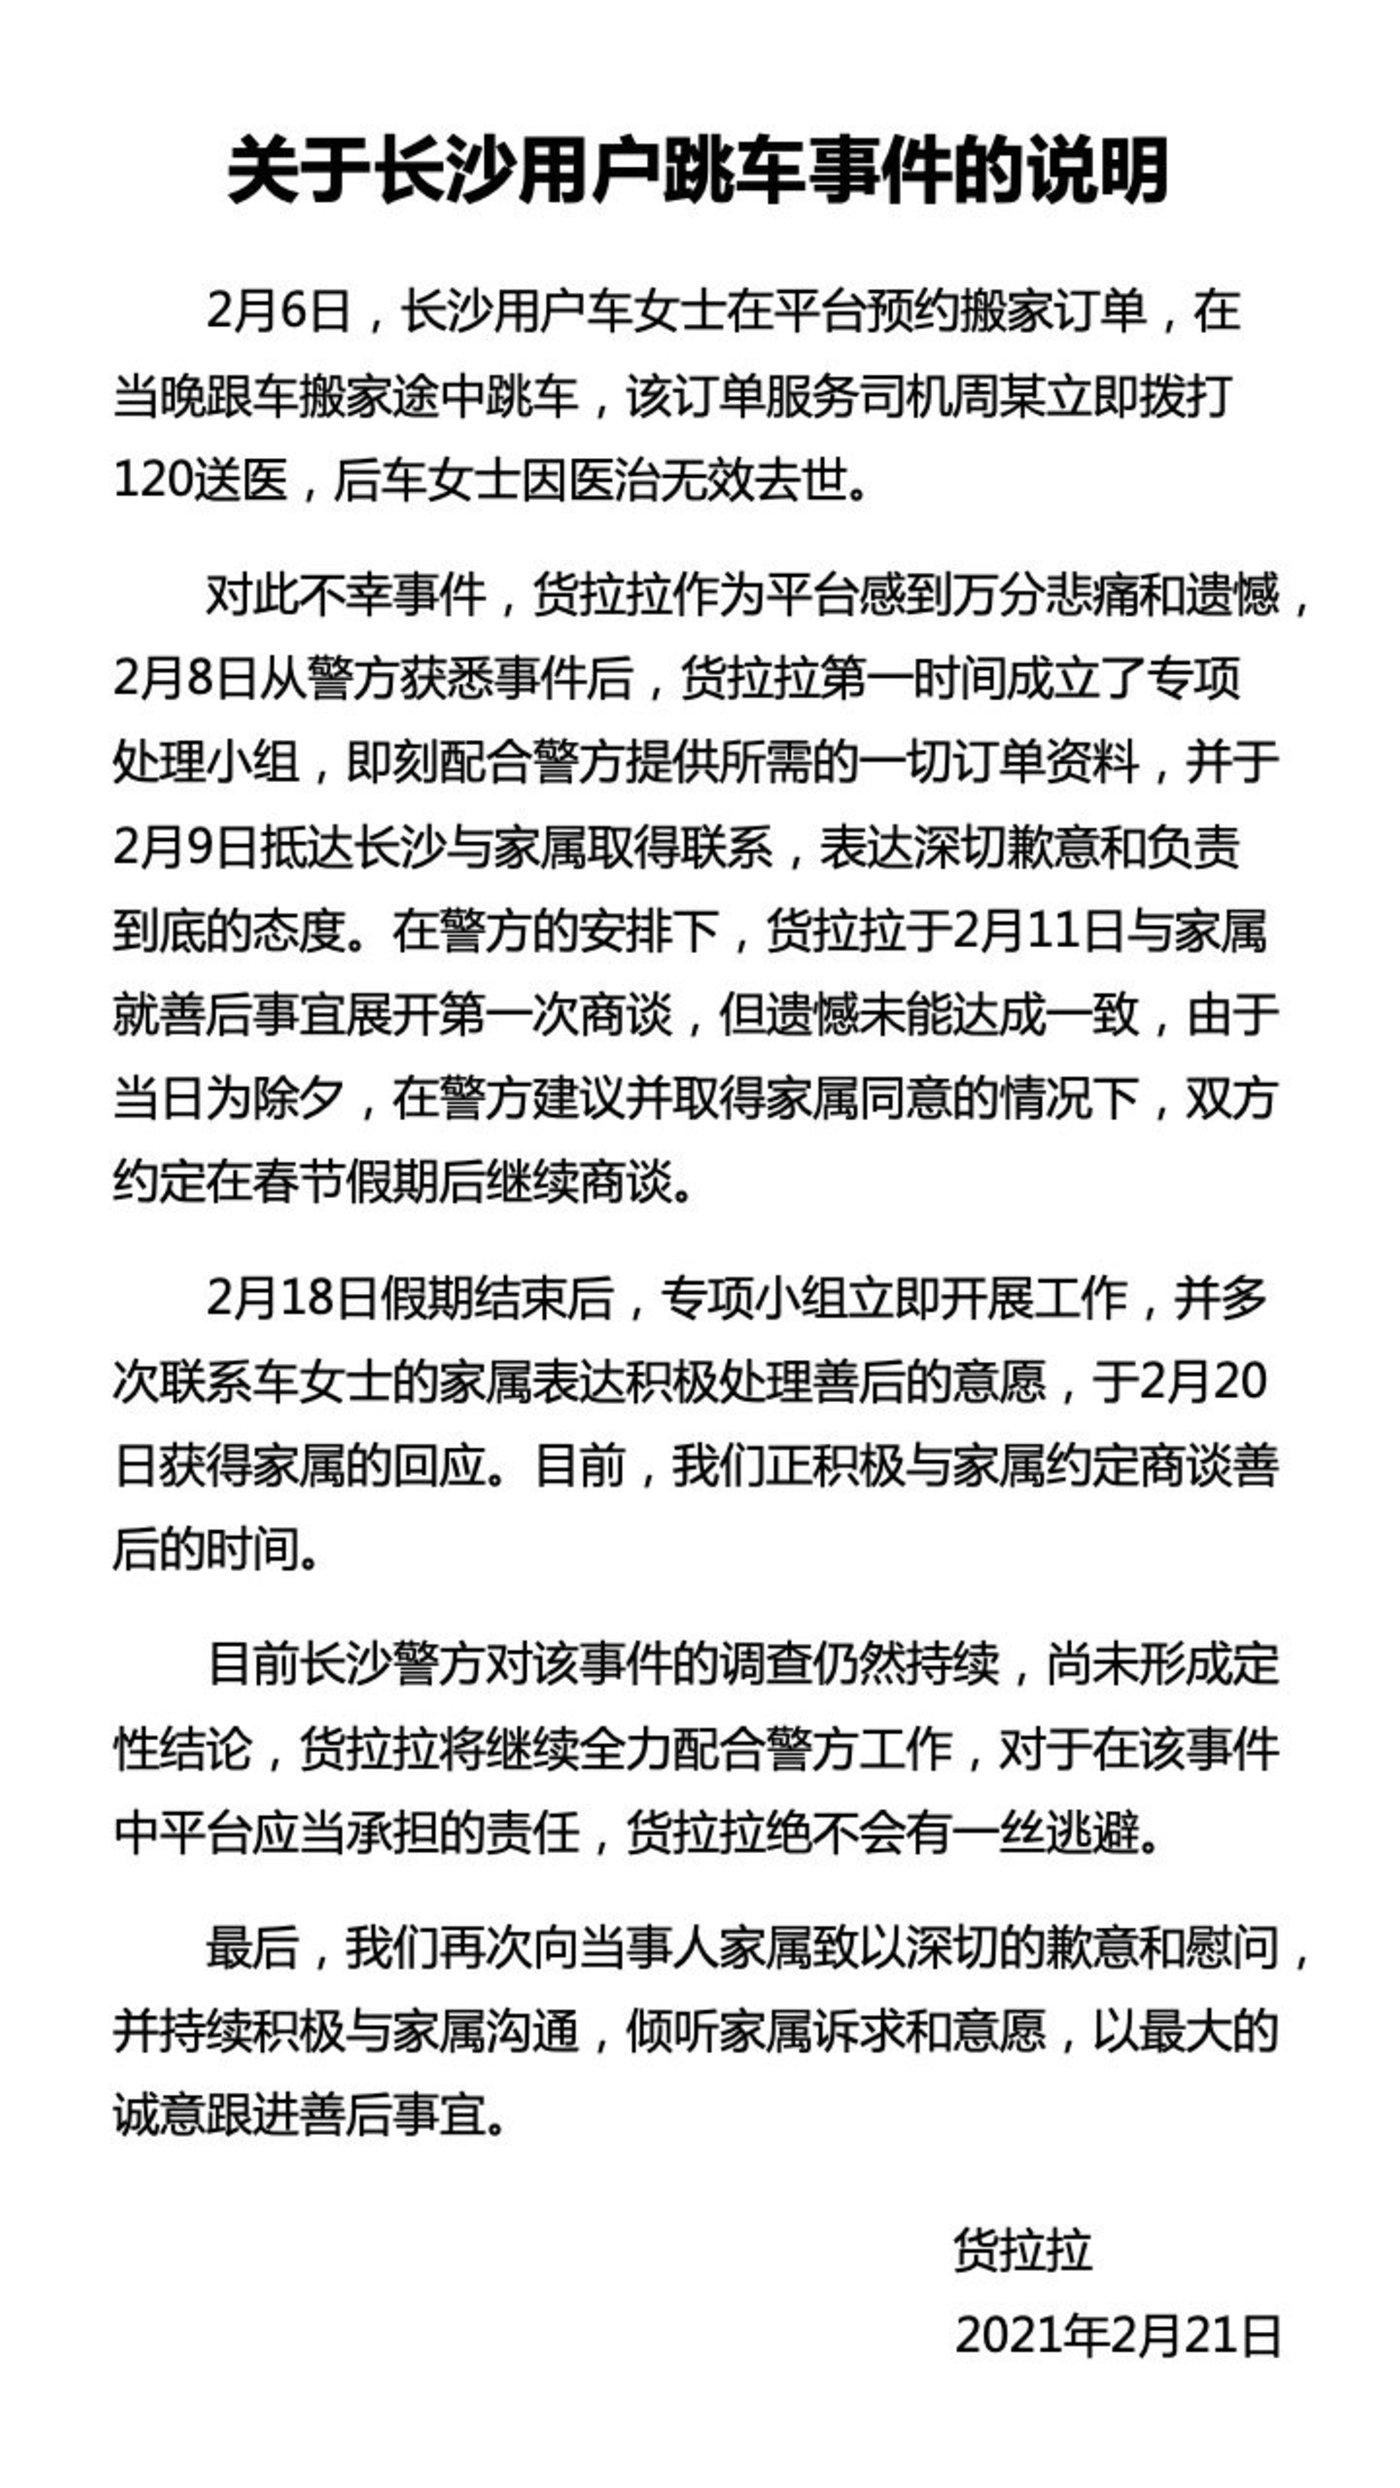 货拉拉2月21日发布的说明